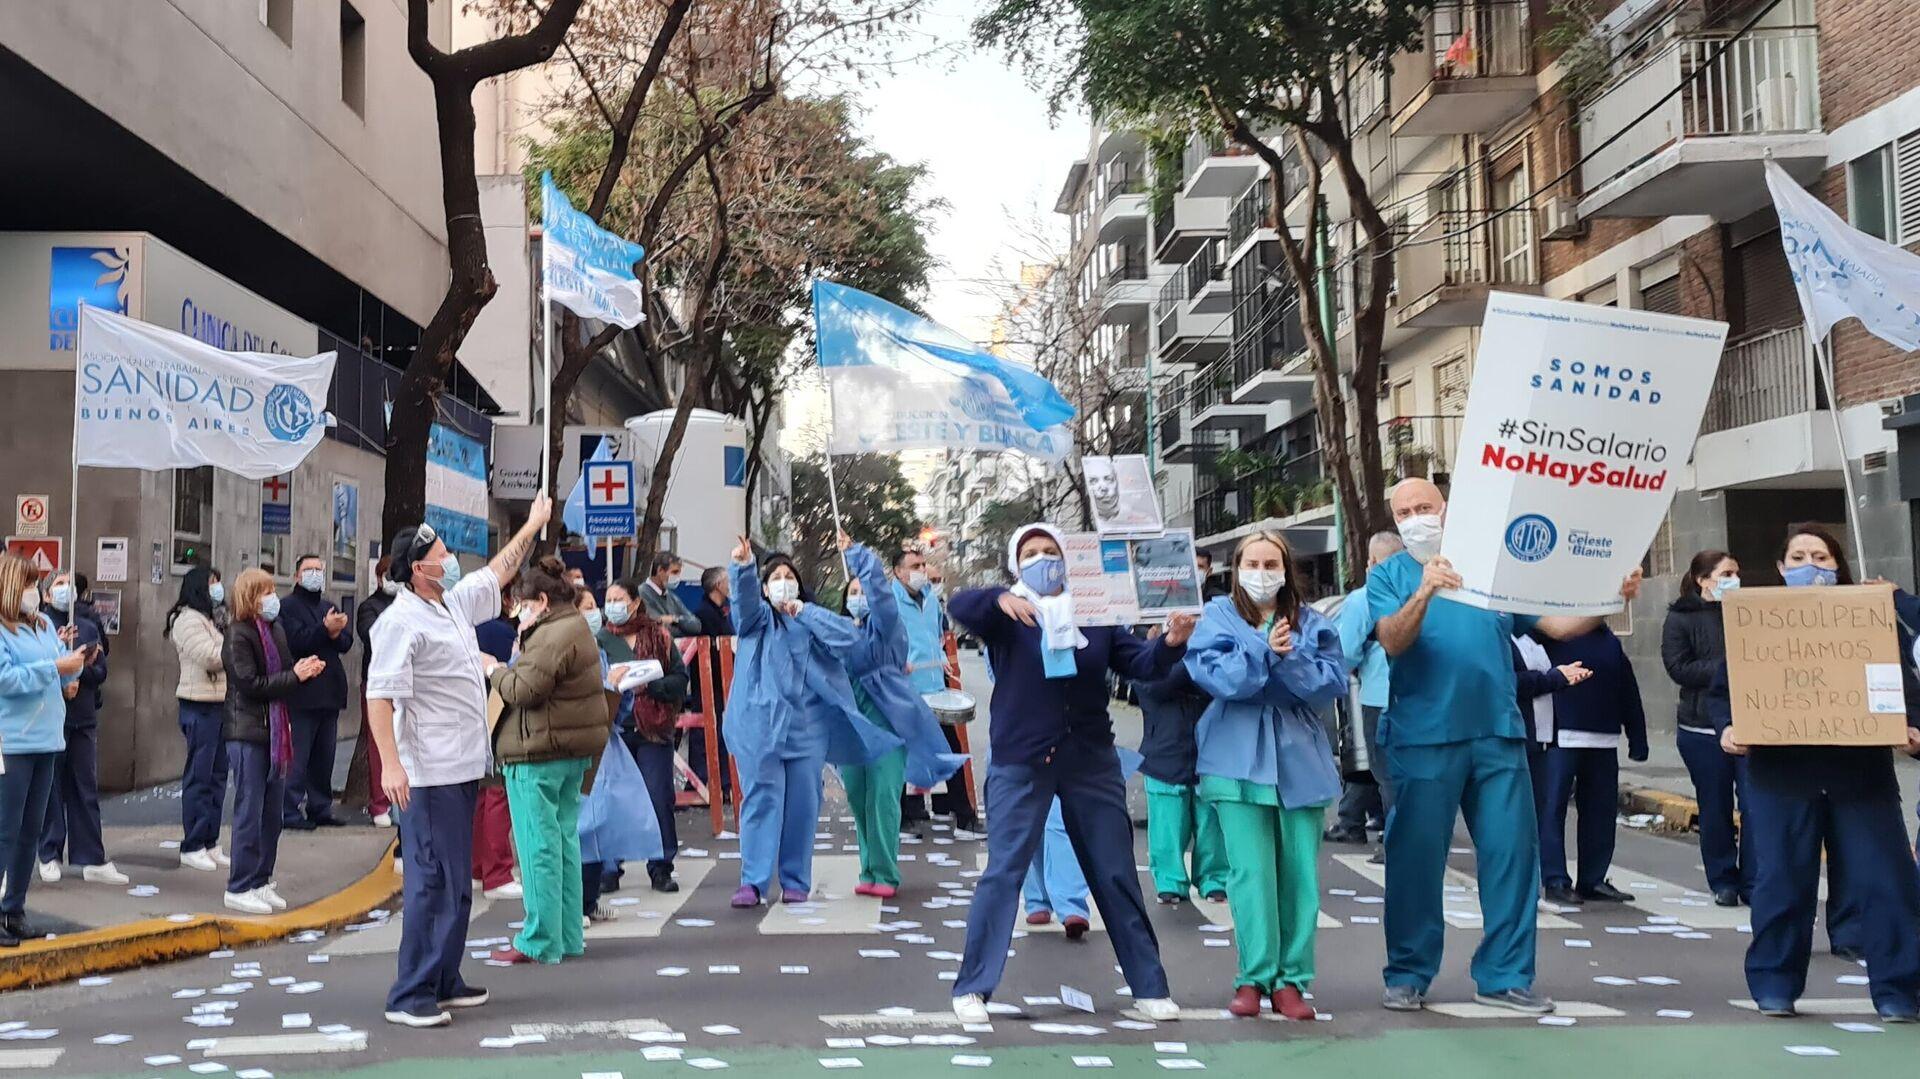 Protestas de trabajadores de la salud en Argentina - Sputnik Mundo, 1920, 23.07.2021